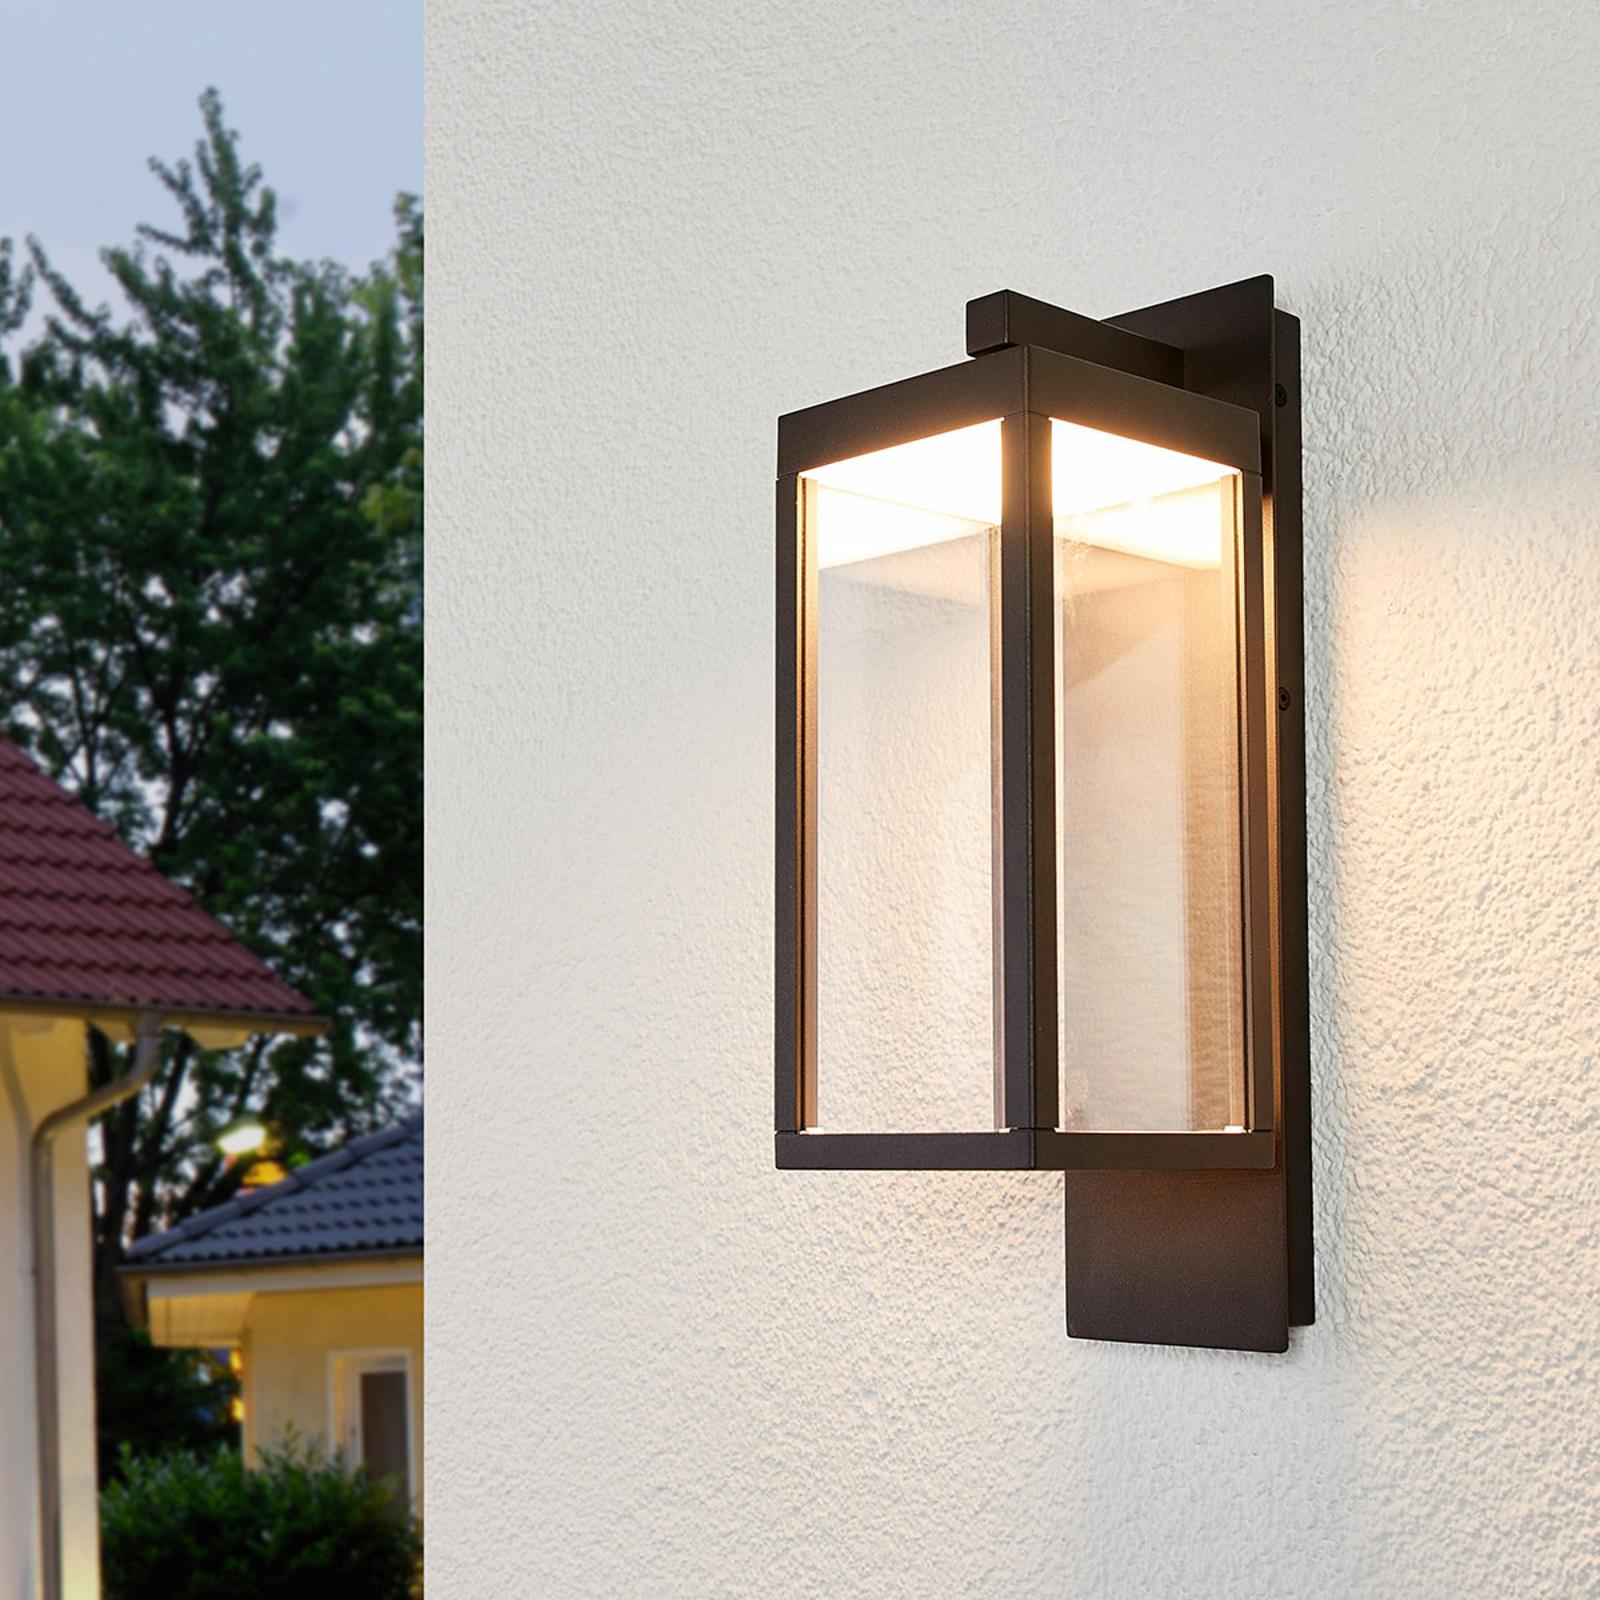 Lanterneformet udendørs LED-væglampe Ferdinand